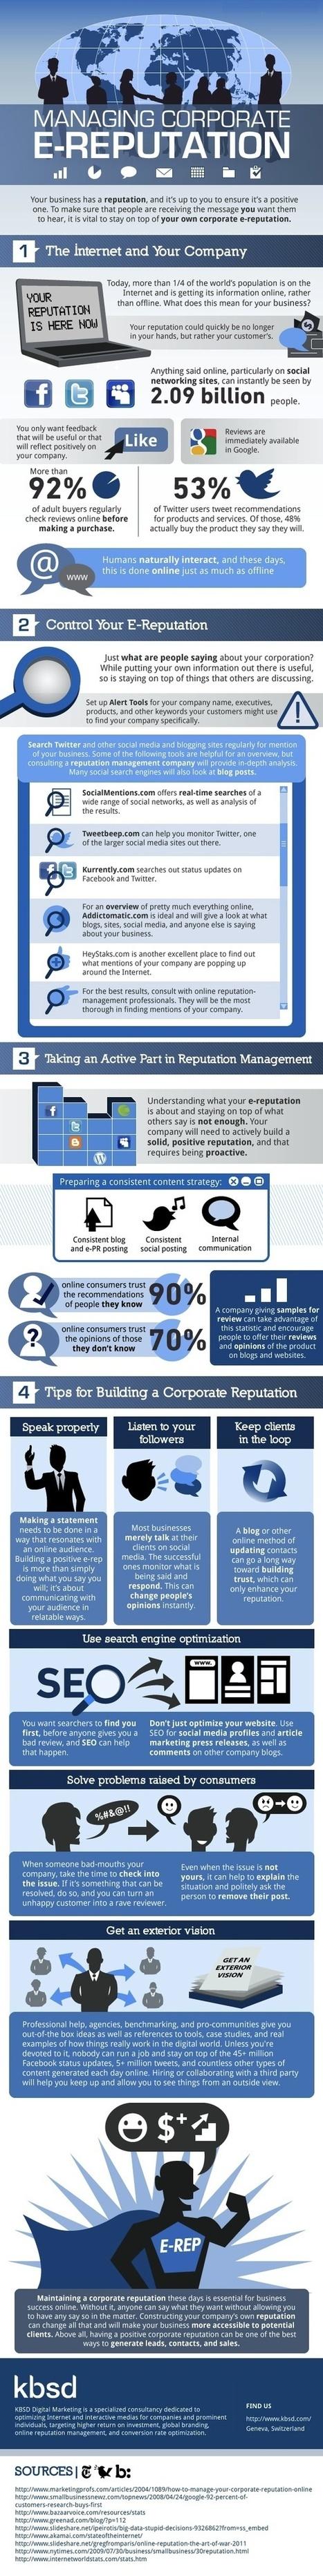 #Ereputation : Comment gérer l'e-réputation d'une entreprise ? | Social Media | Scoop.it